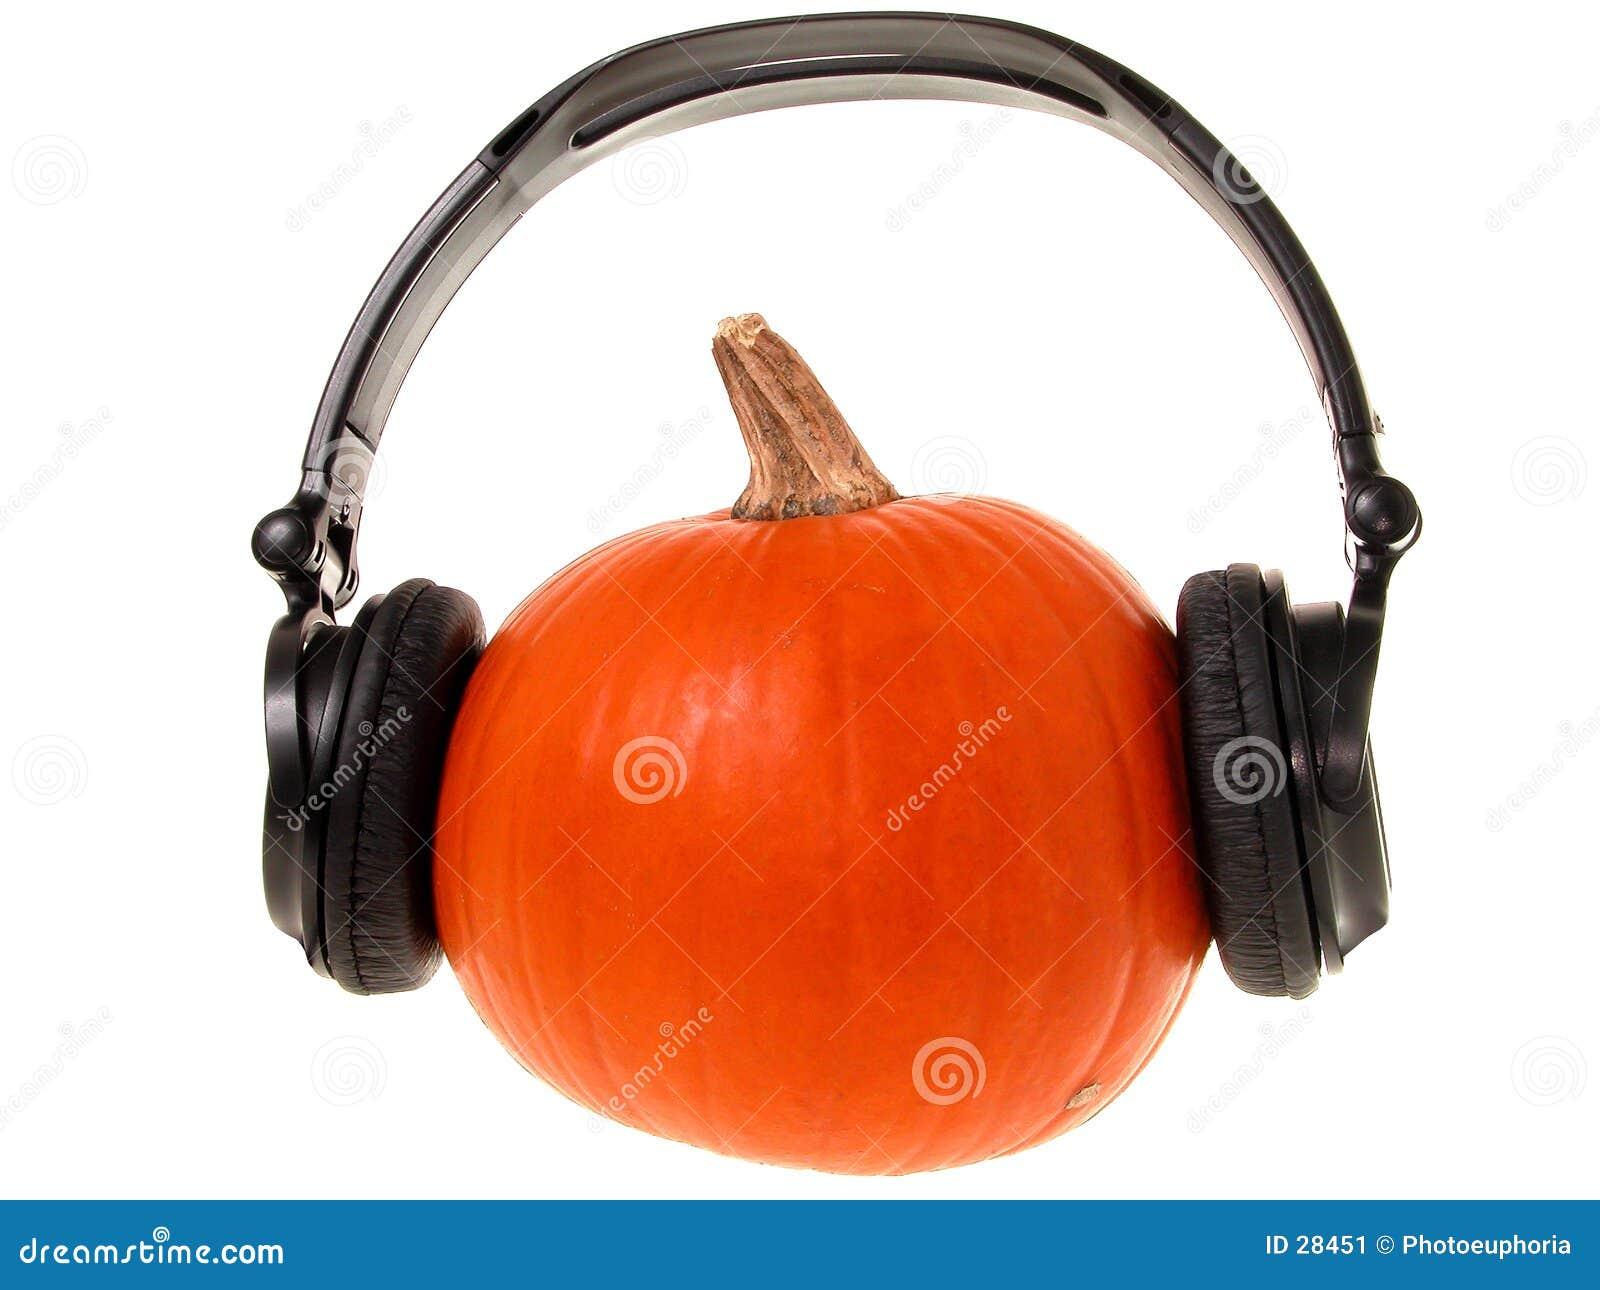 Kürbis-Kopf mit Kopfhörern (1 von 2)